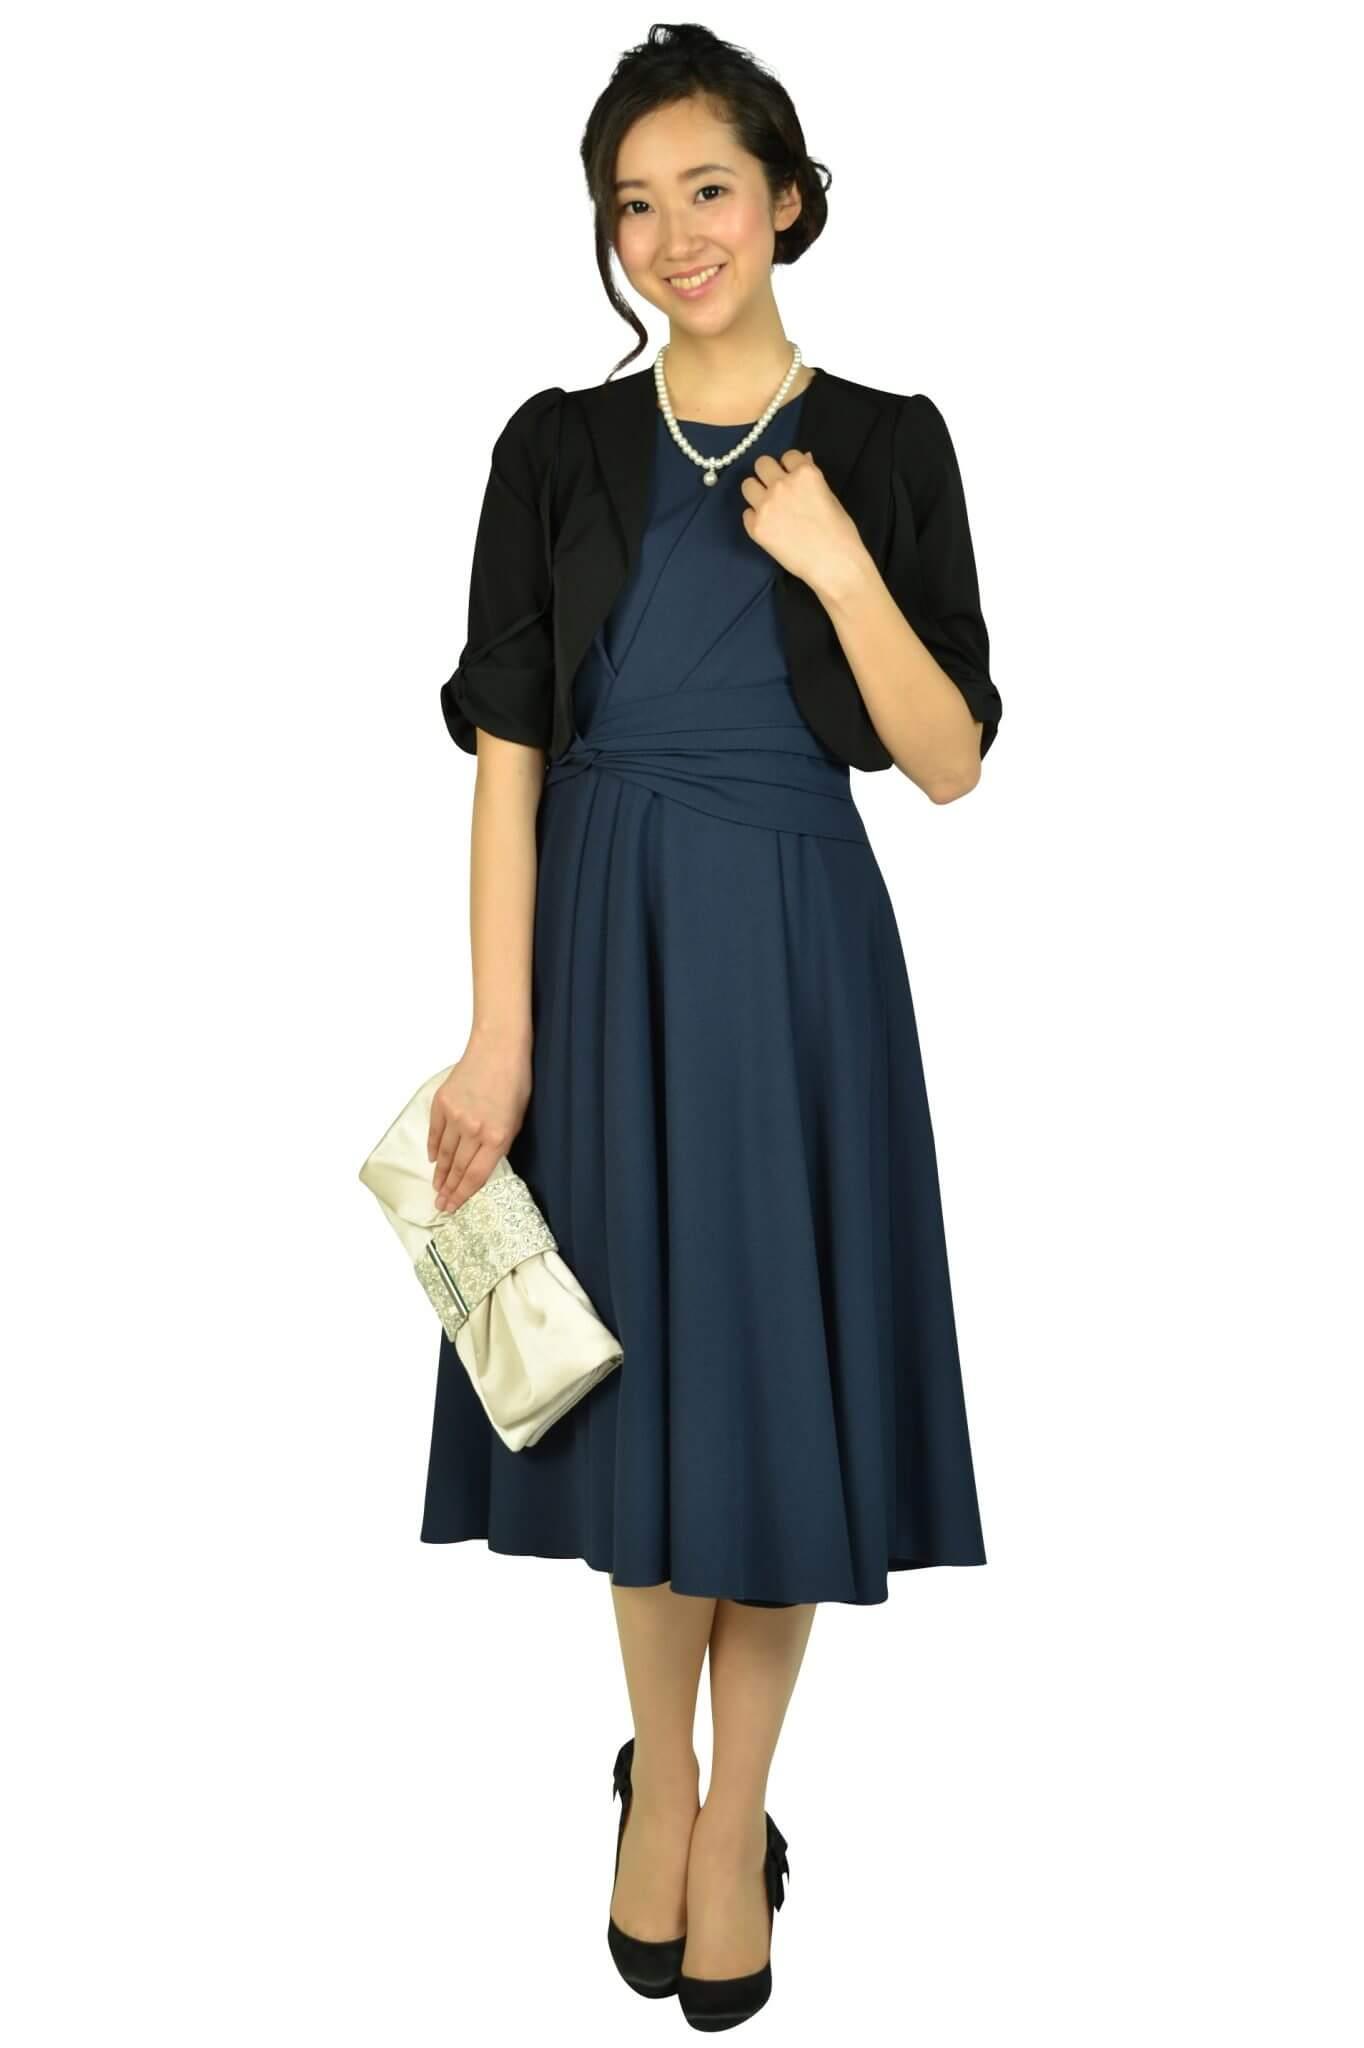 アナトリエ(anatelier) ウエストマーク編み上げネイビードレス